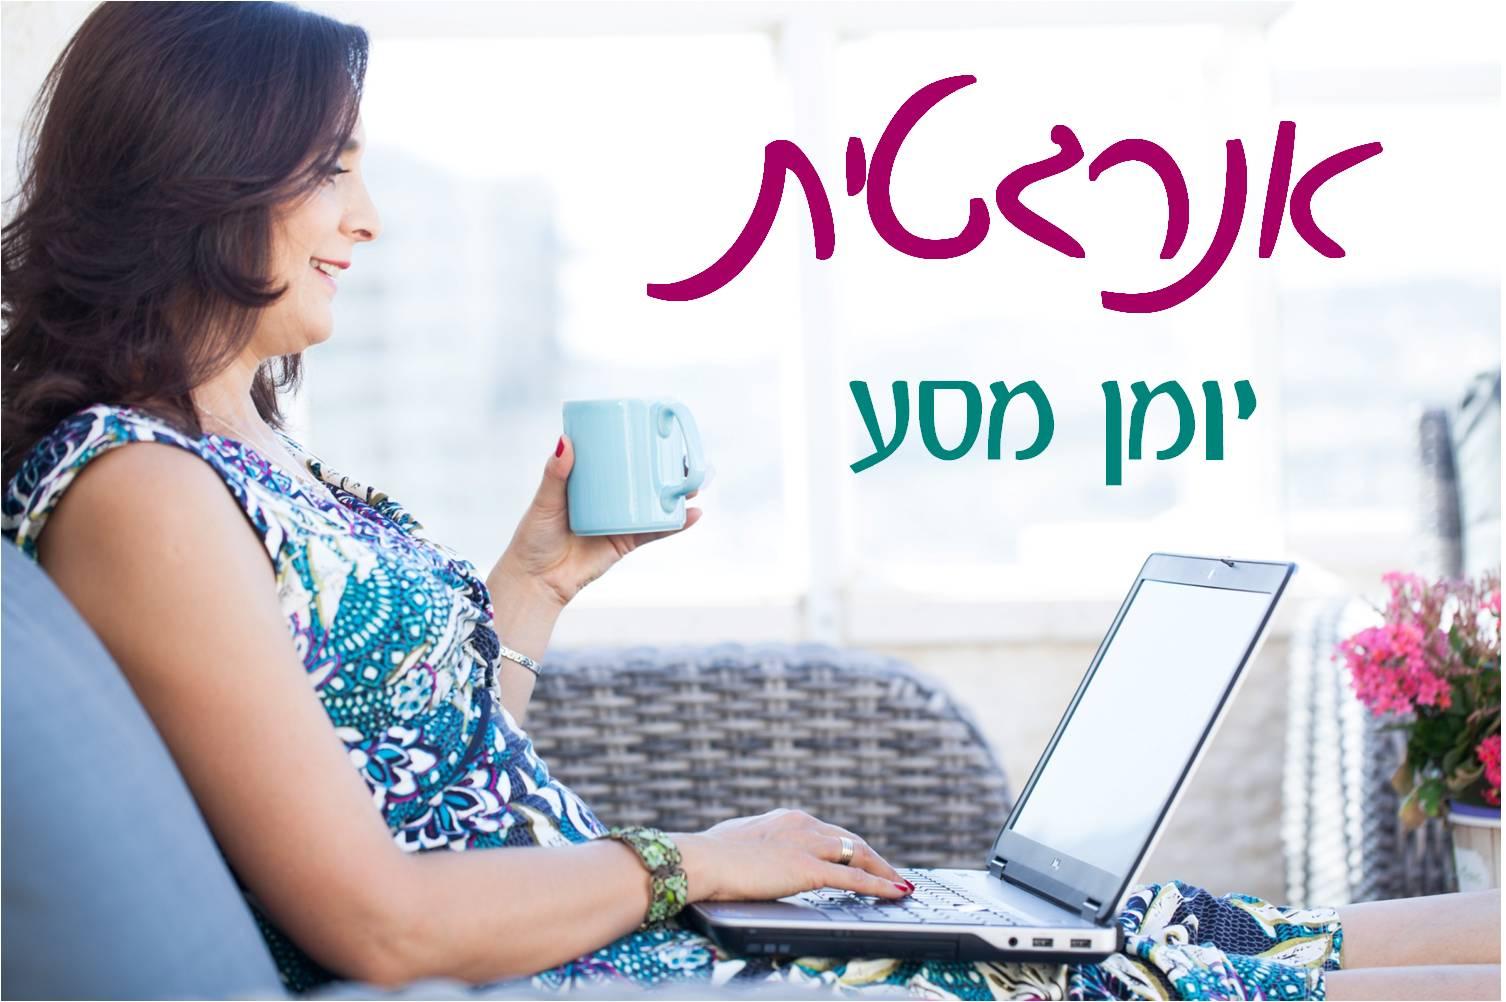 איילת יושבת עם מחשב נייד על הרגלים וכוס תה ביד